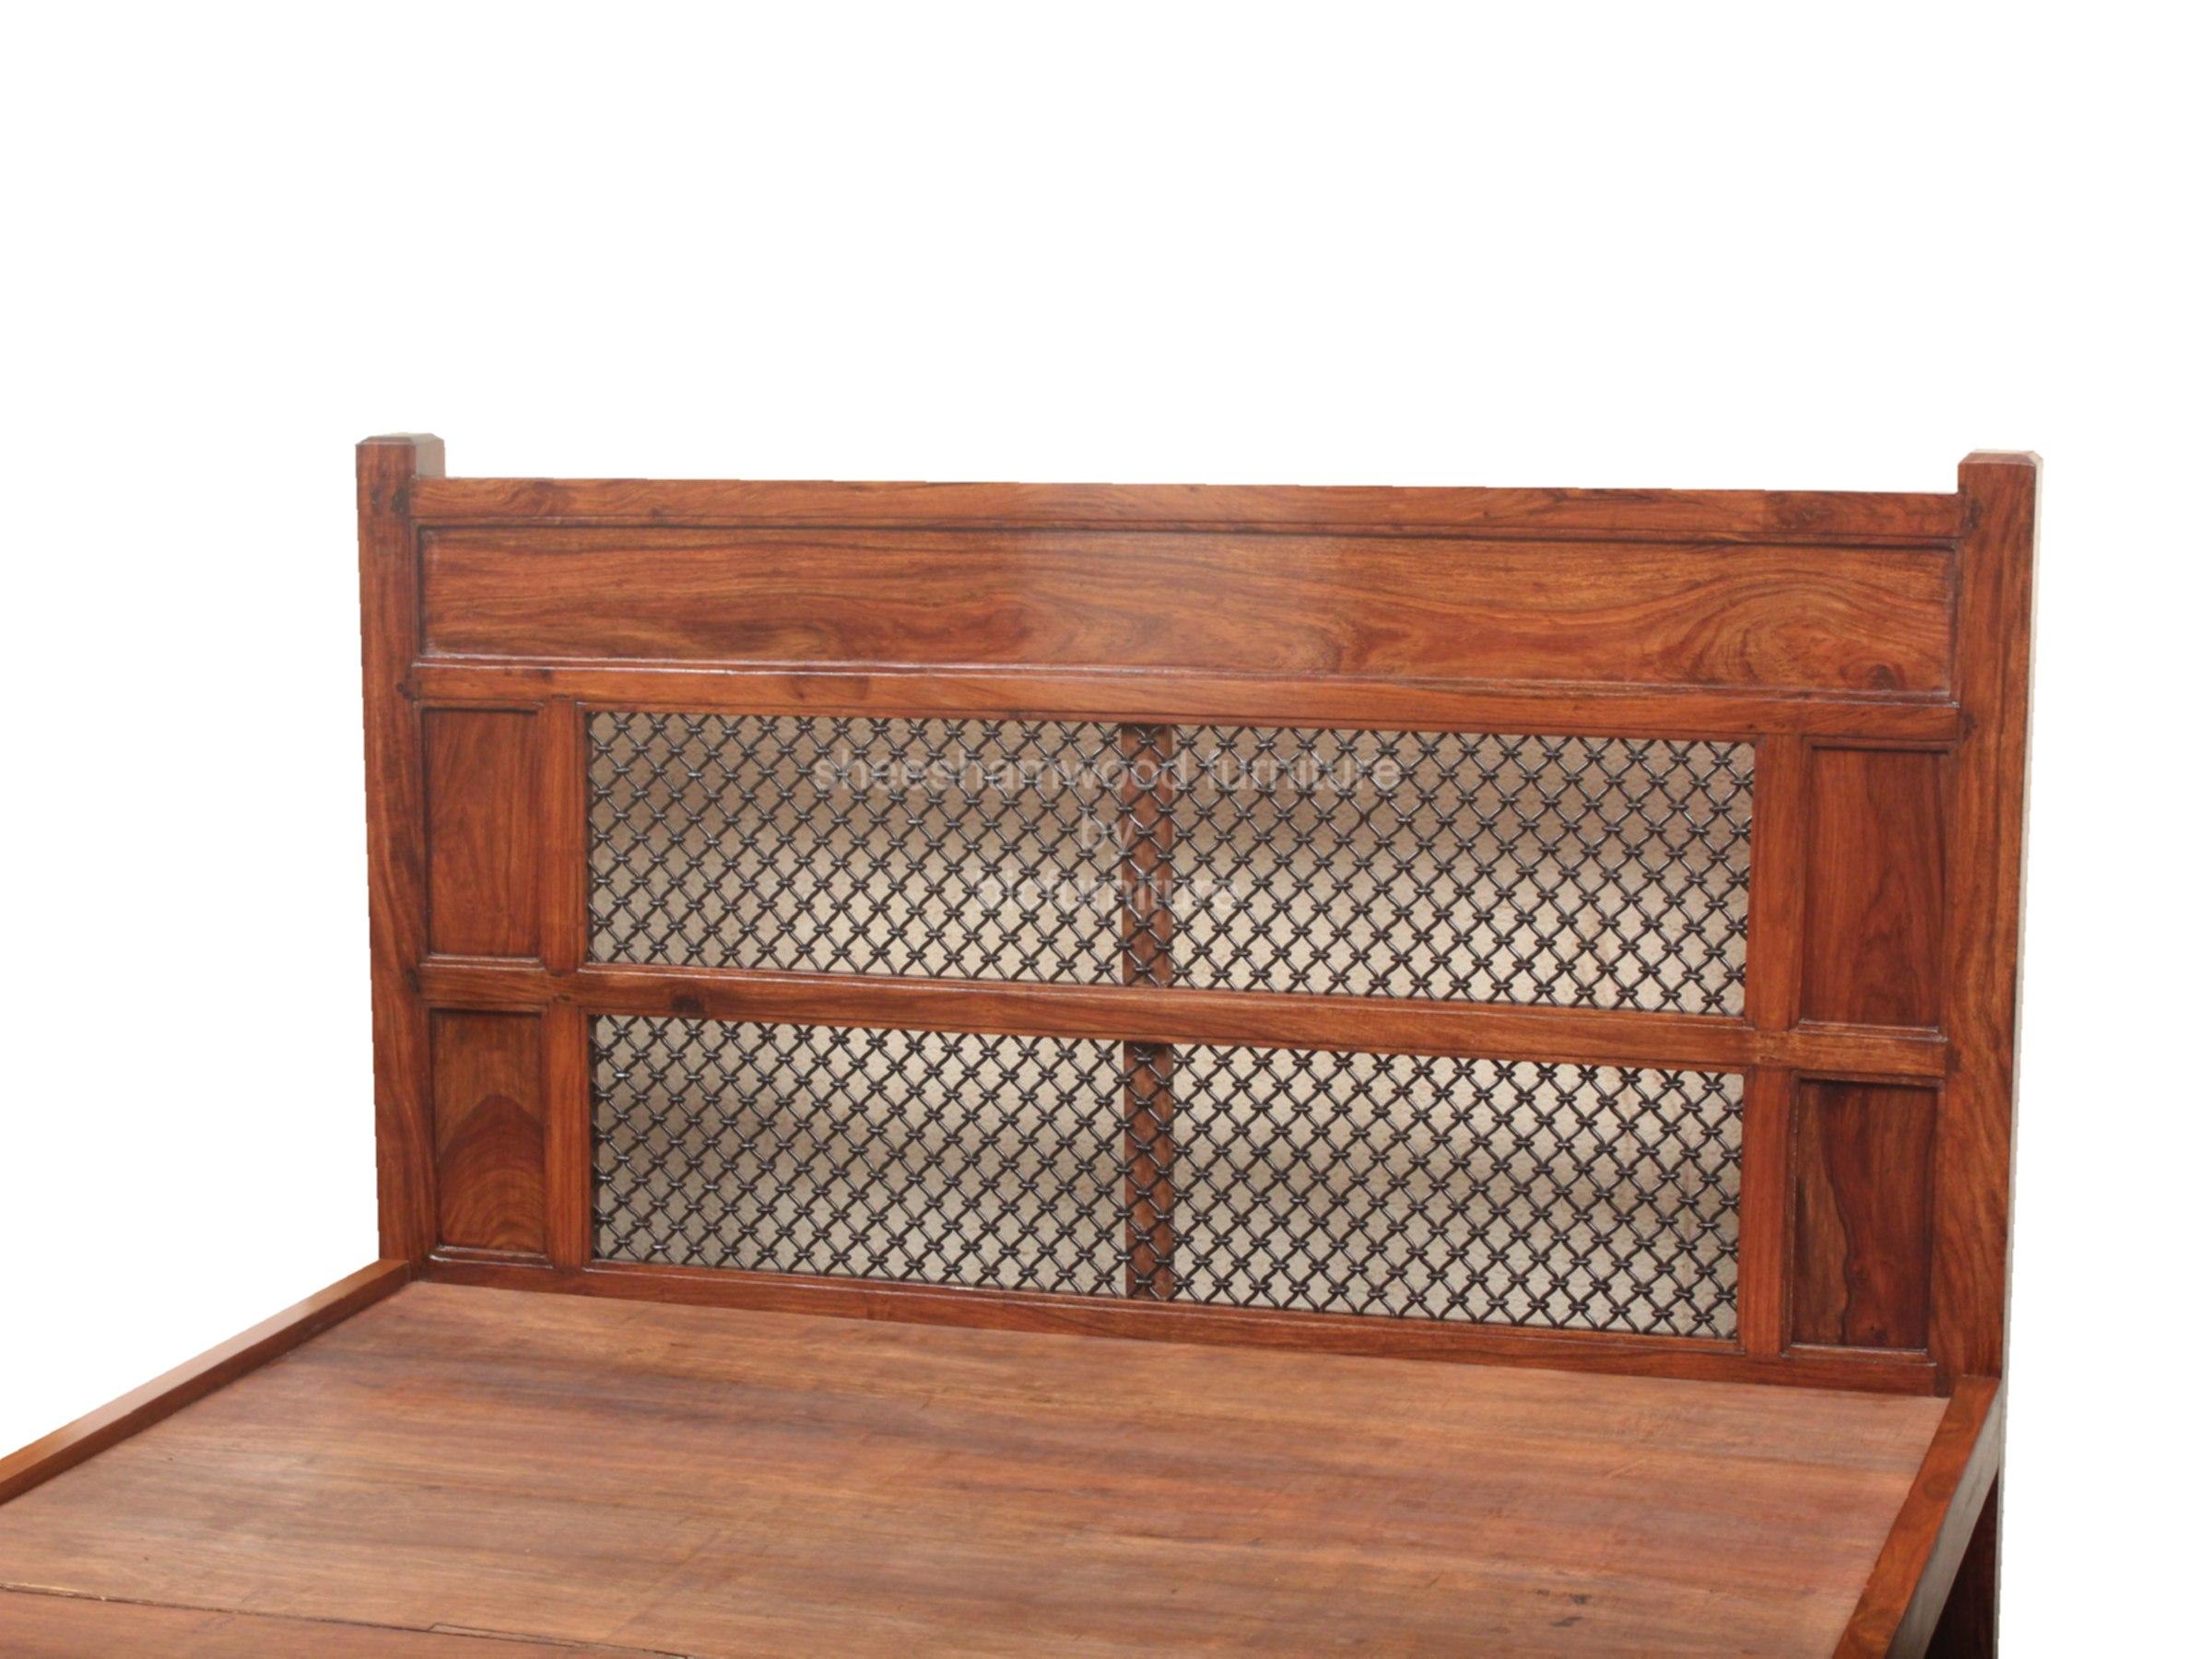 Sheesham_wood__wrought_iron_jali_double_bed.  Solid_sheesham_wood__wrought_iron_jali_double_bed.  Solid_wood_wood__wrought_iron_jali_double_bed